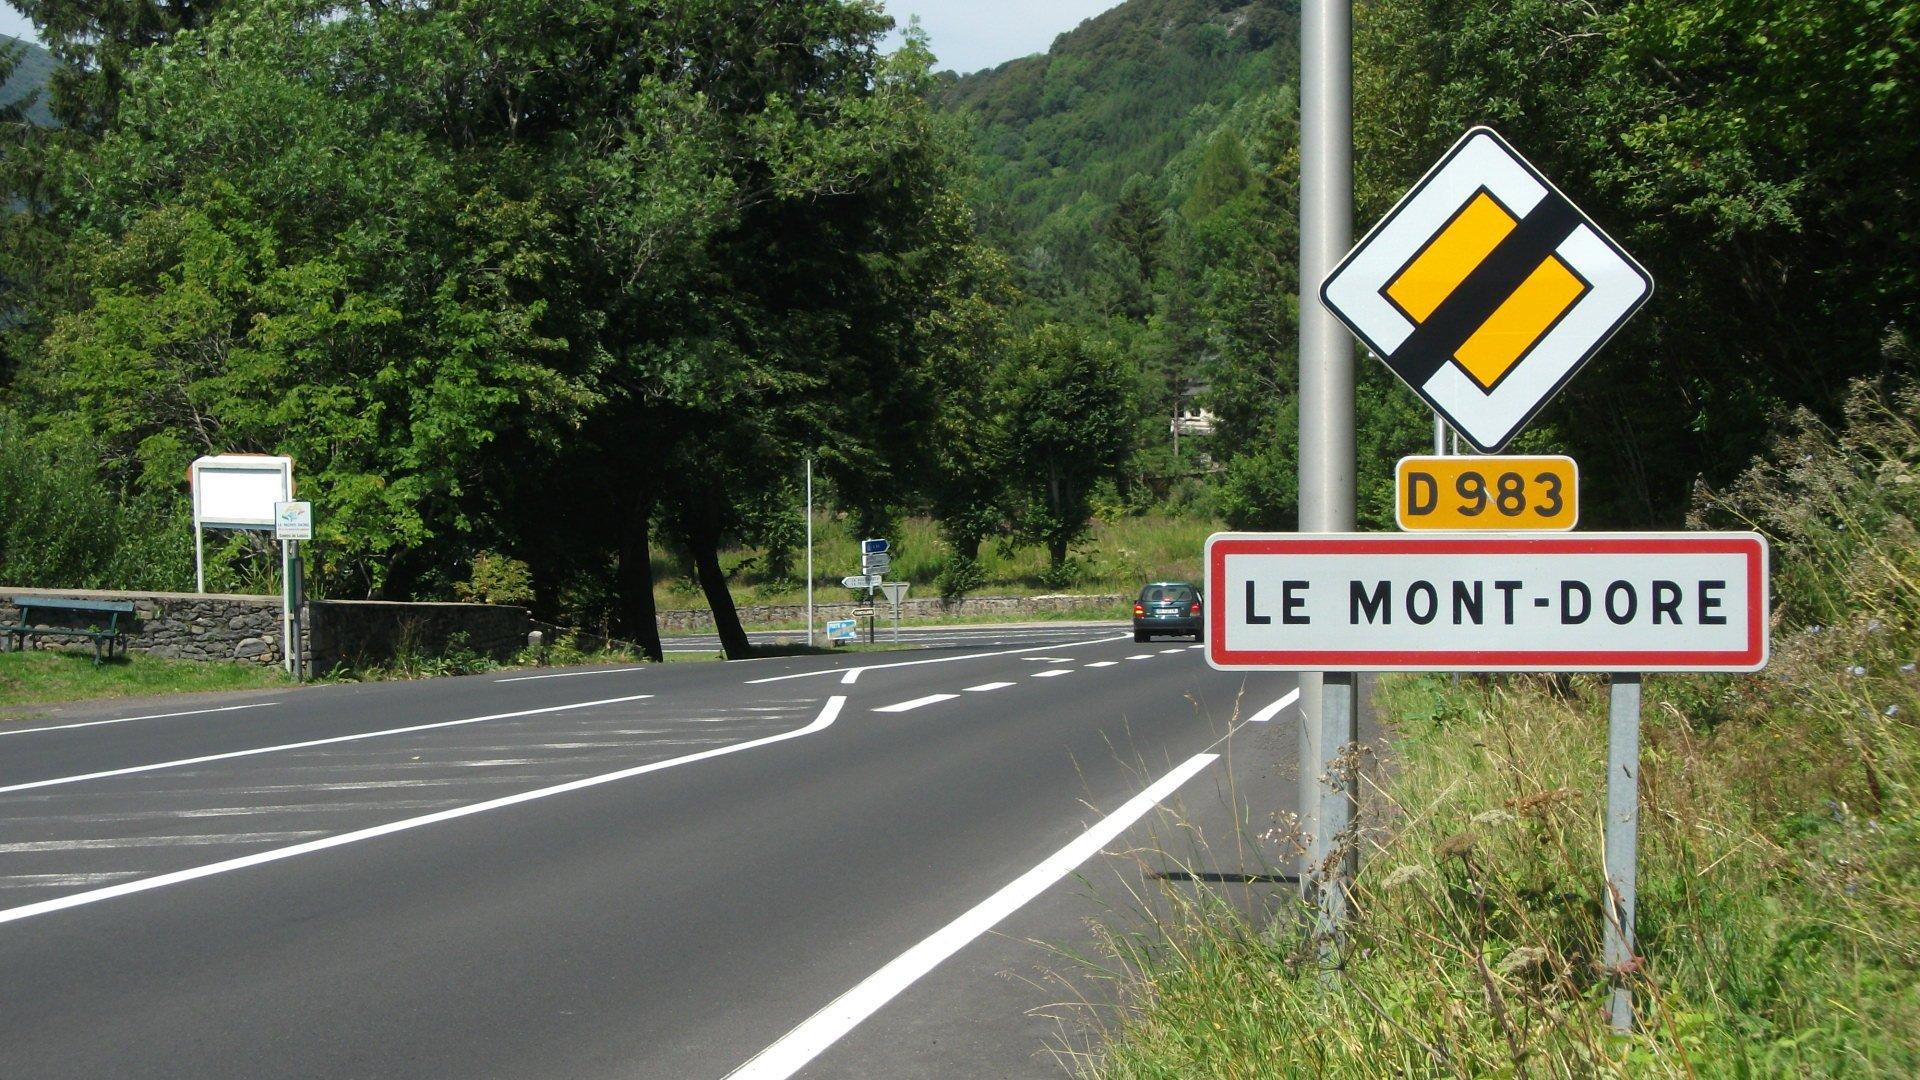 File:Le Mont-Dore D 983 vers Centre.jpg